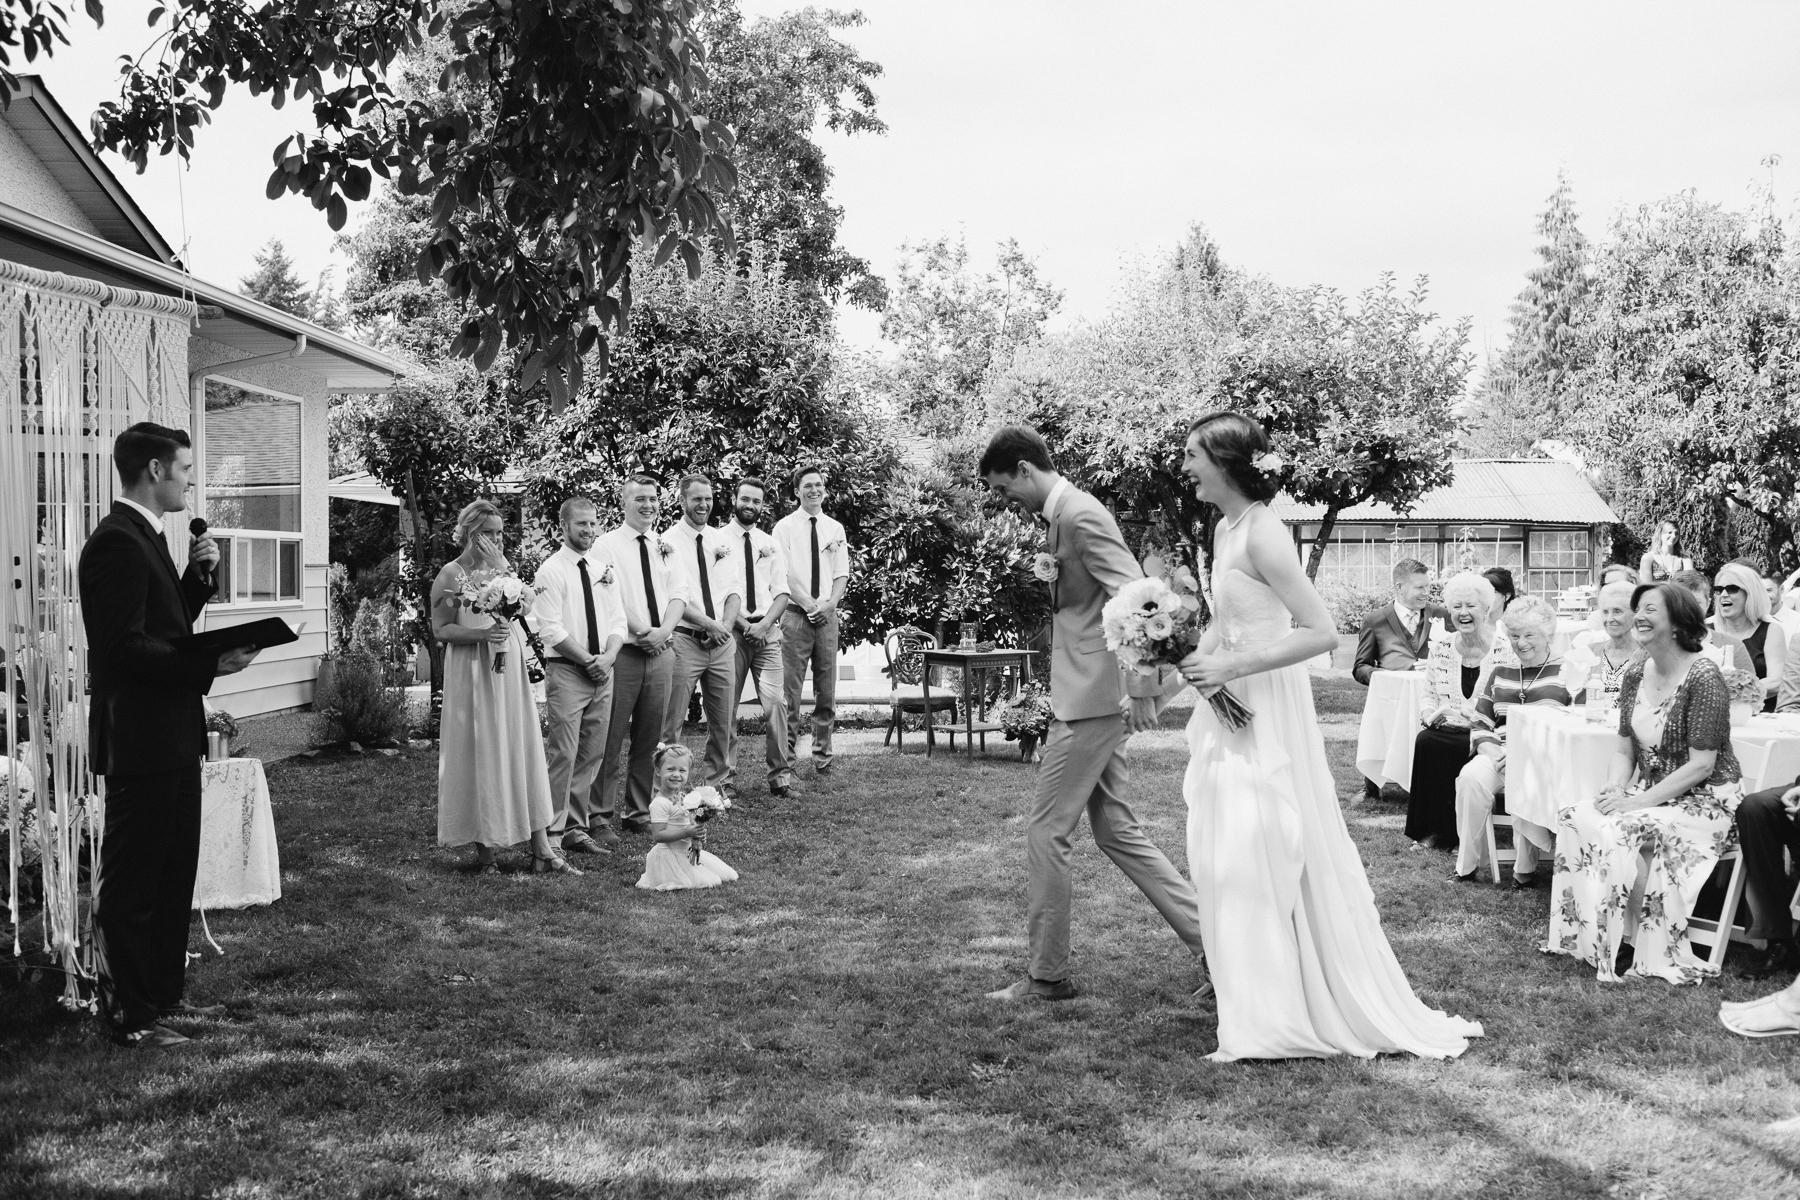 Vancouver-Rustic-Farm-Wedding-KB-112.jpg